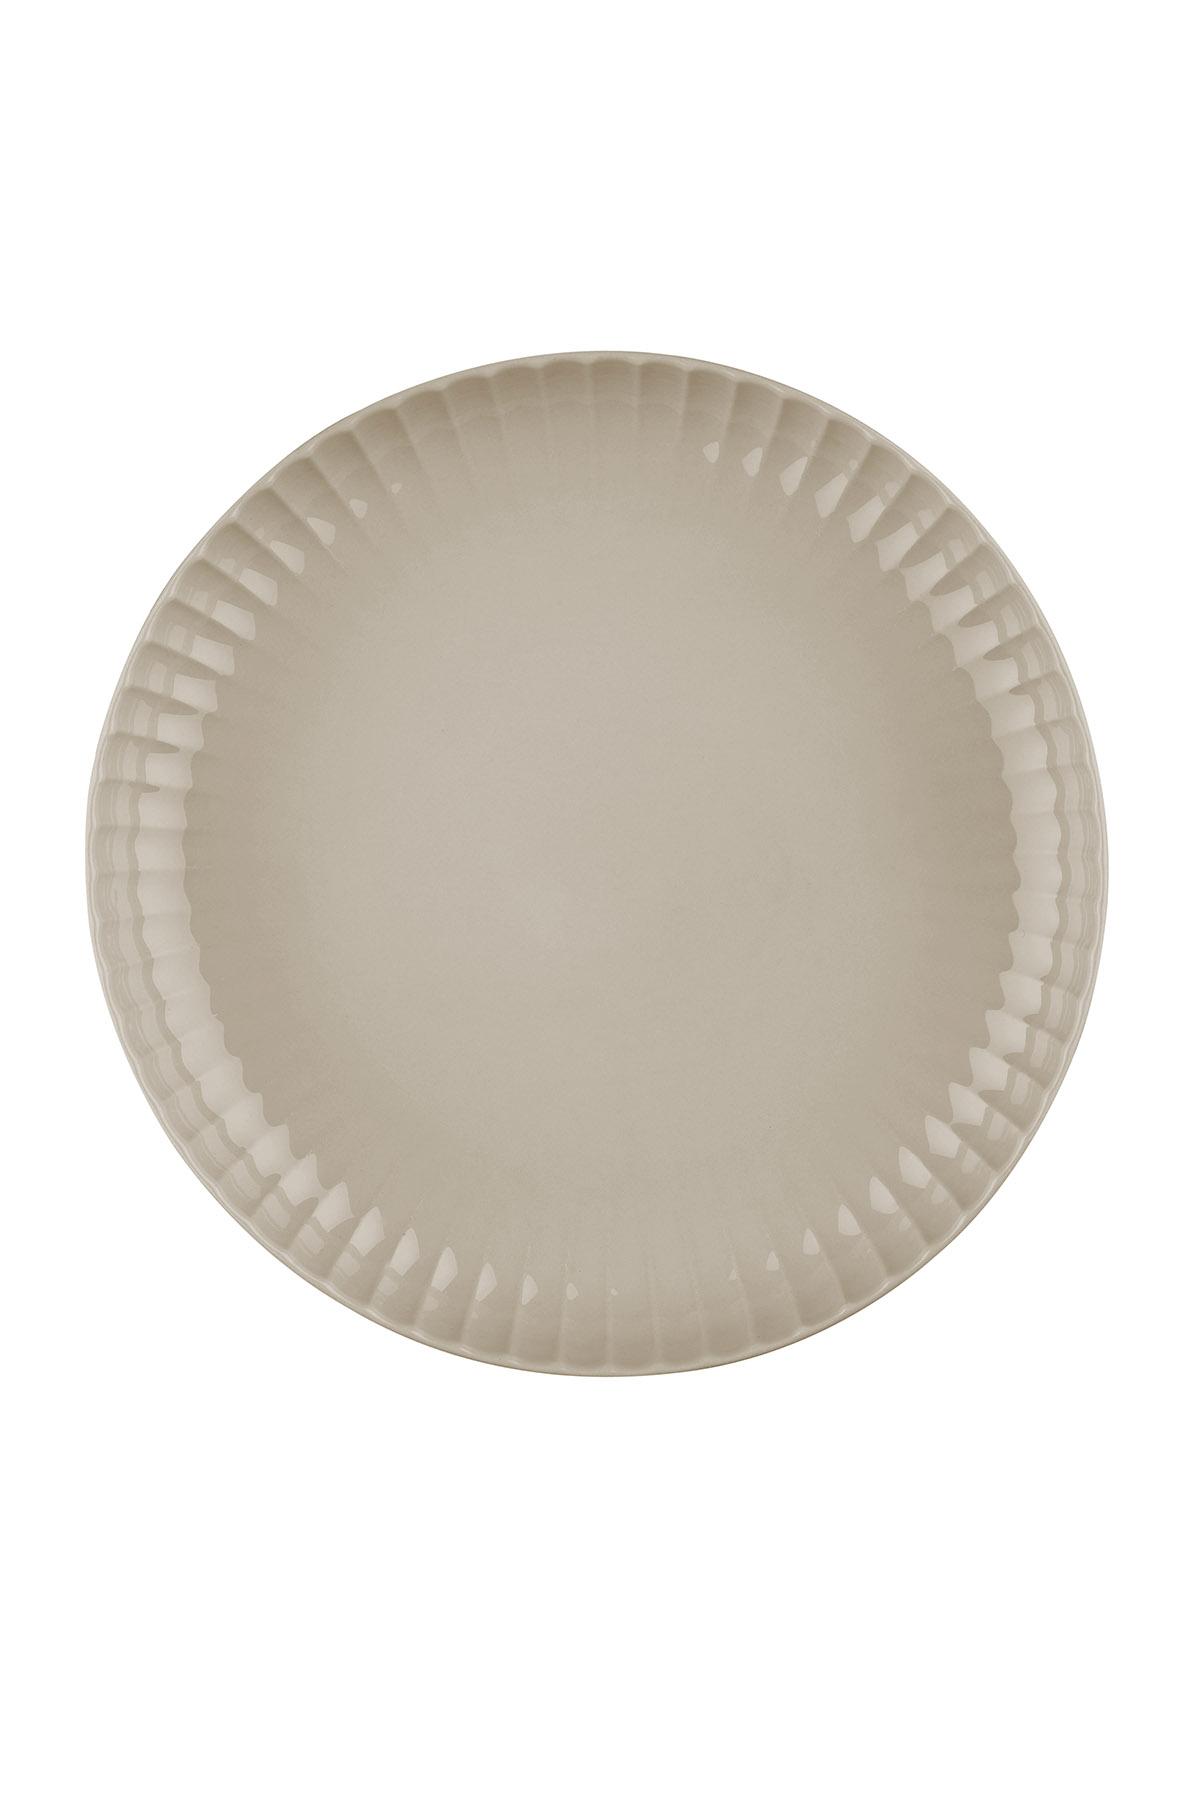 Kütahya Porselen - Crest 20 cm Çukur Tabak Bej